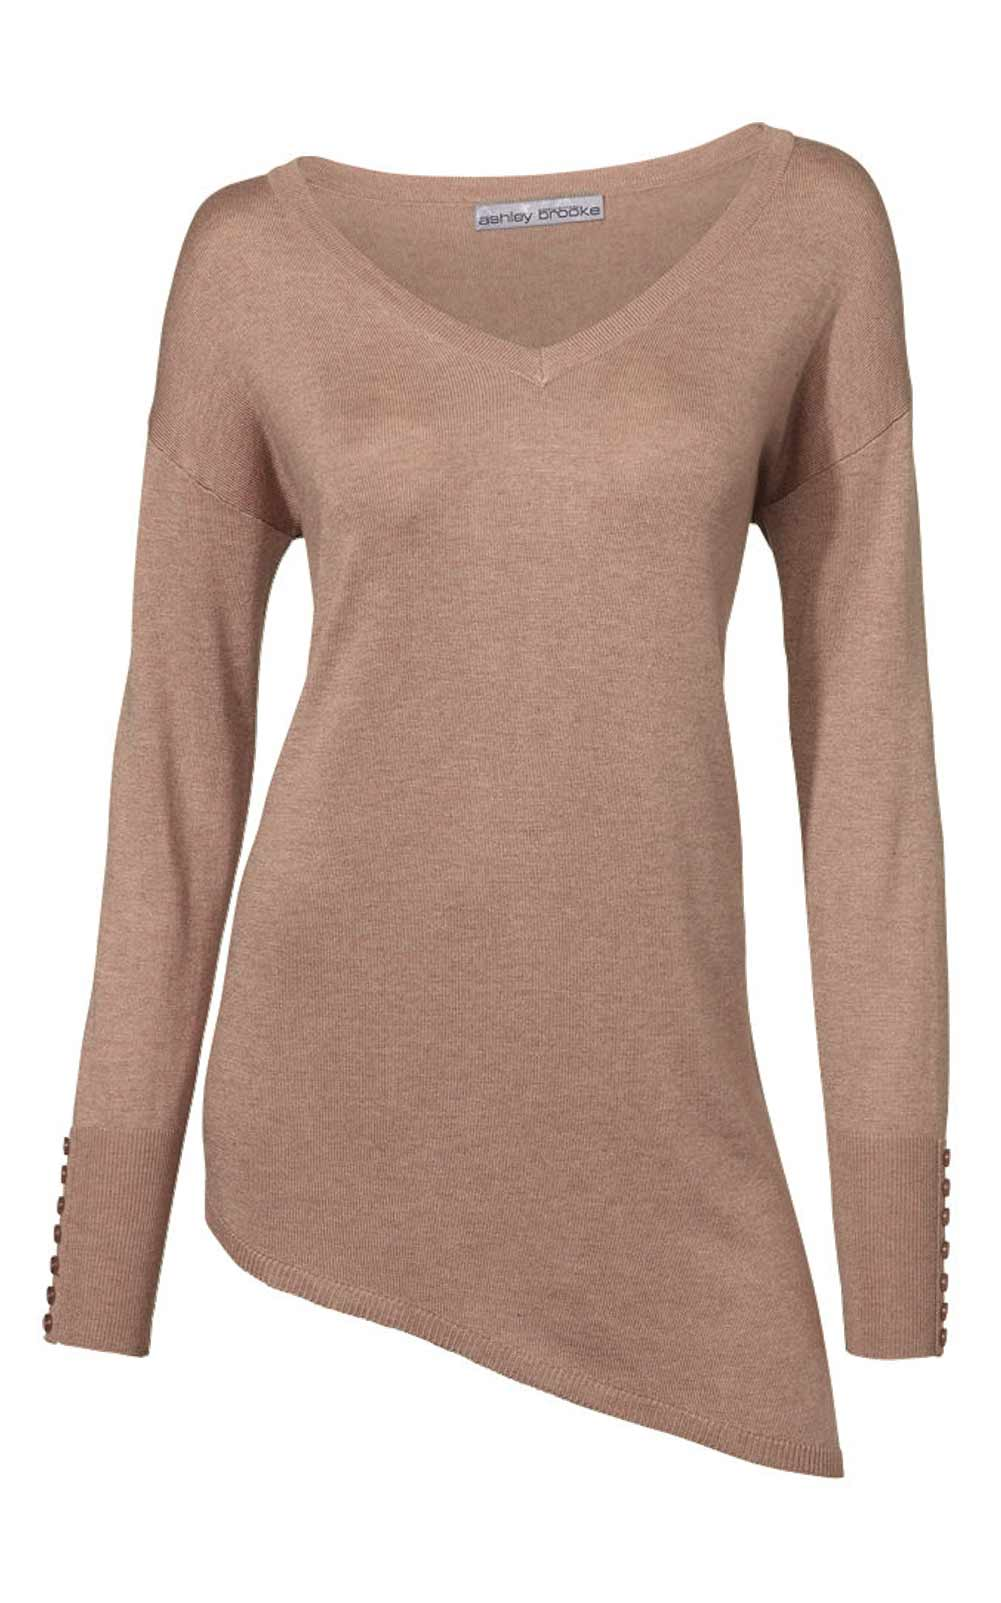 181.070 ASHLEY BROOKE Damen Designer-Pullover Beige